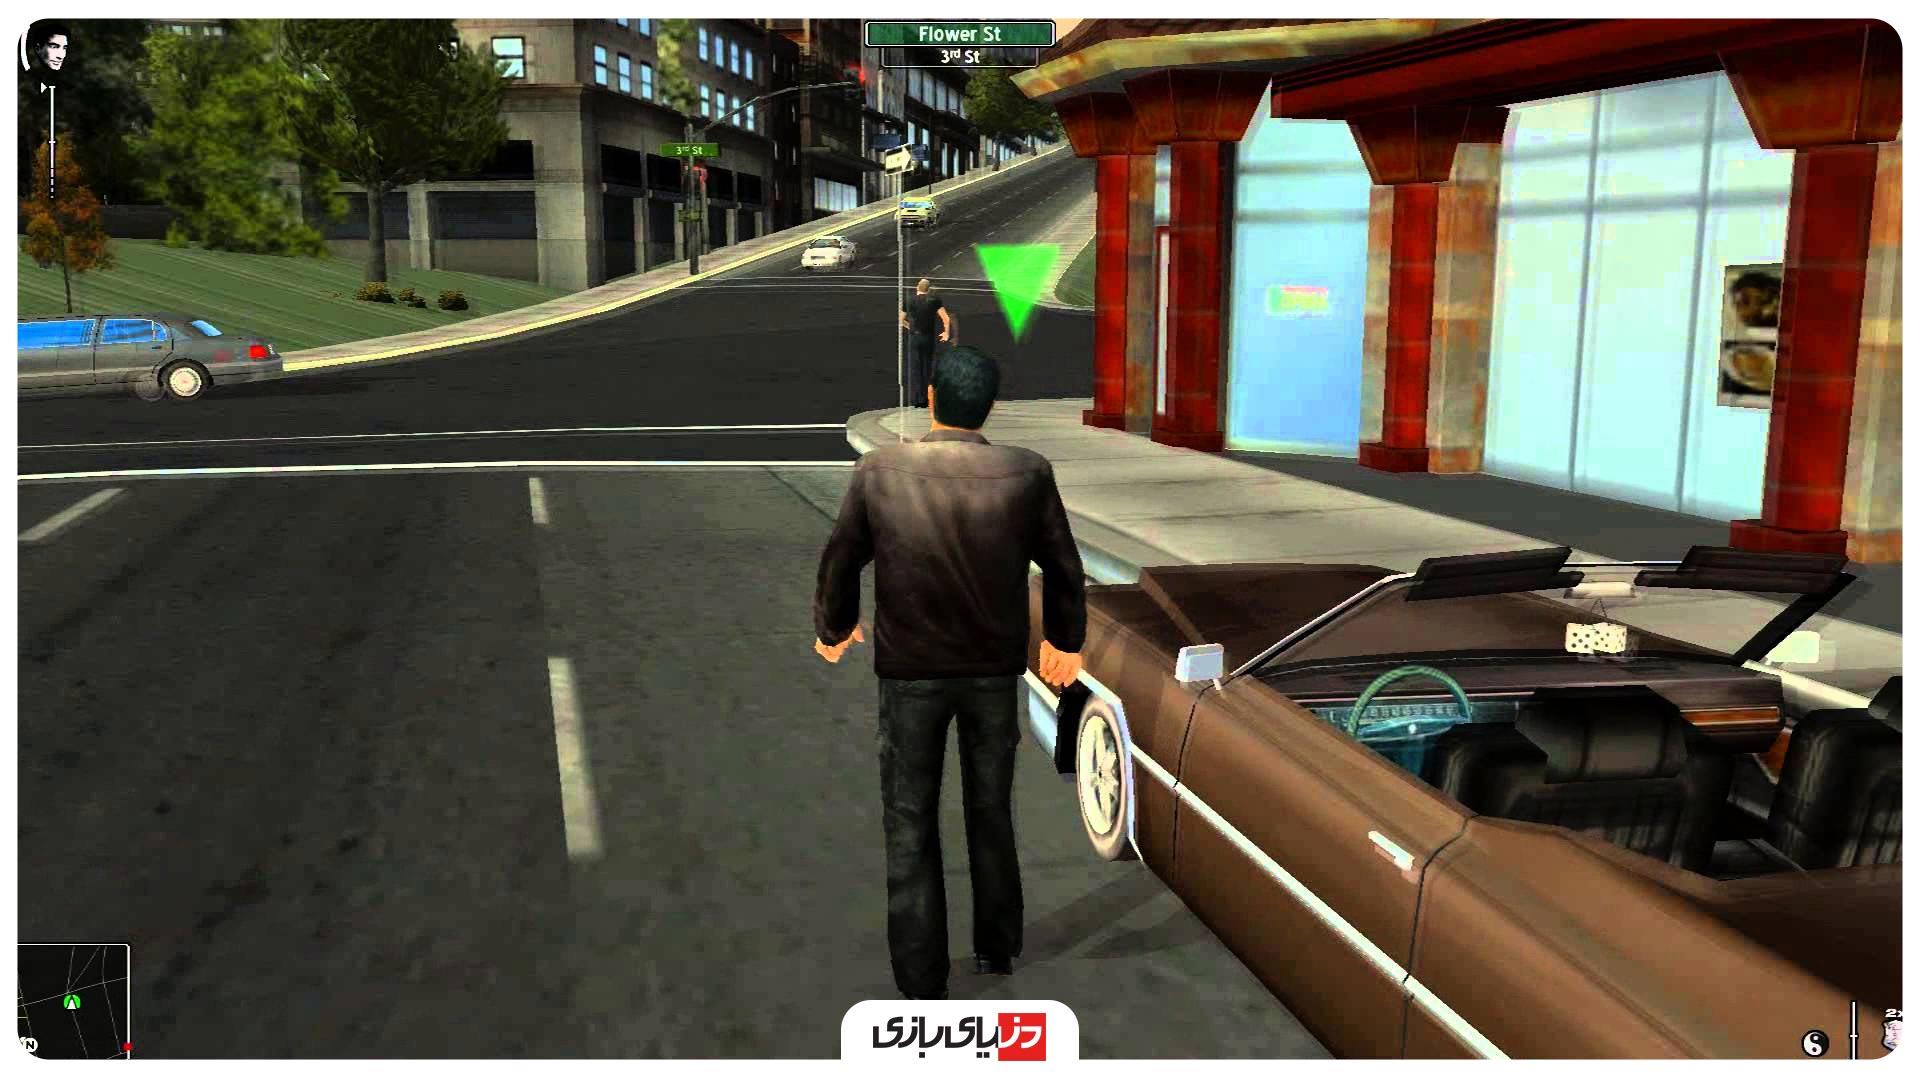 بازی های مشابه GTA V - بازی True Crime